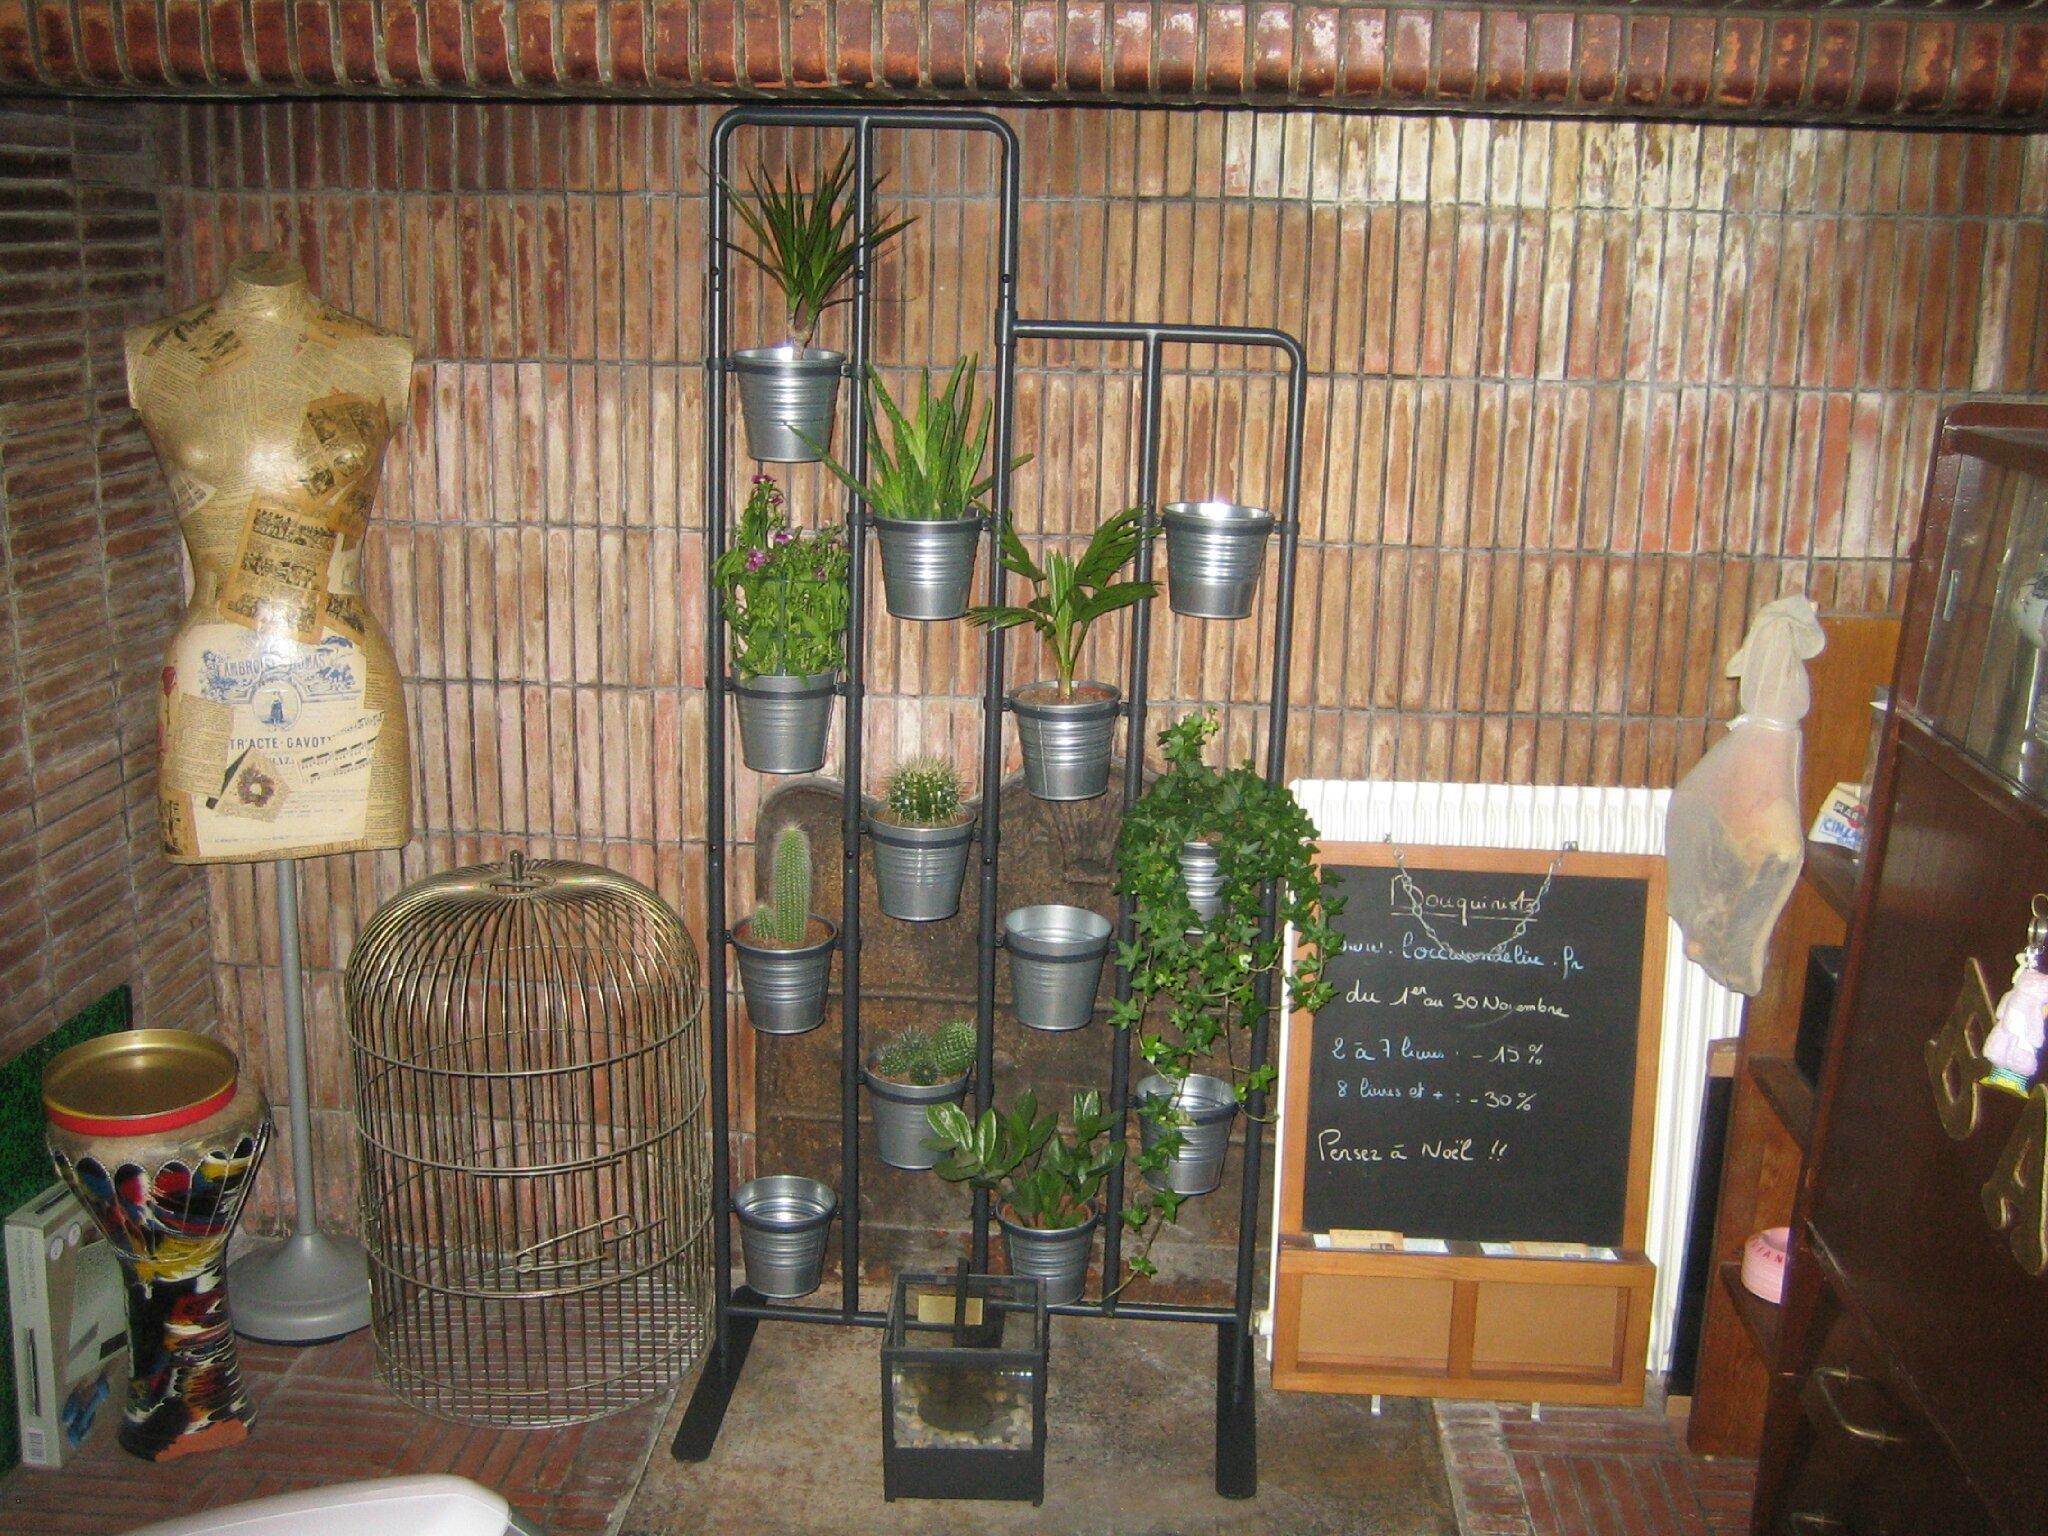 Jardinière À Suspendre Ikea suite des achats ikea - bienvenue chez nous